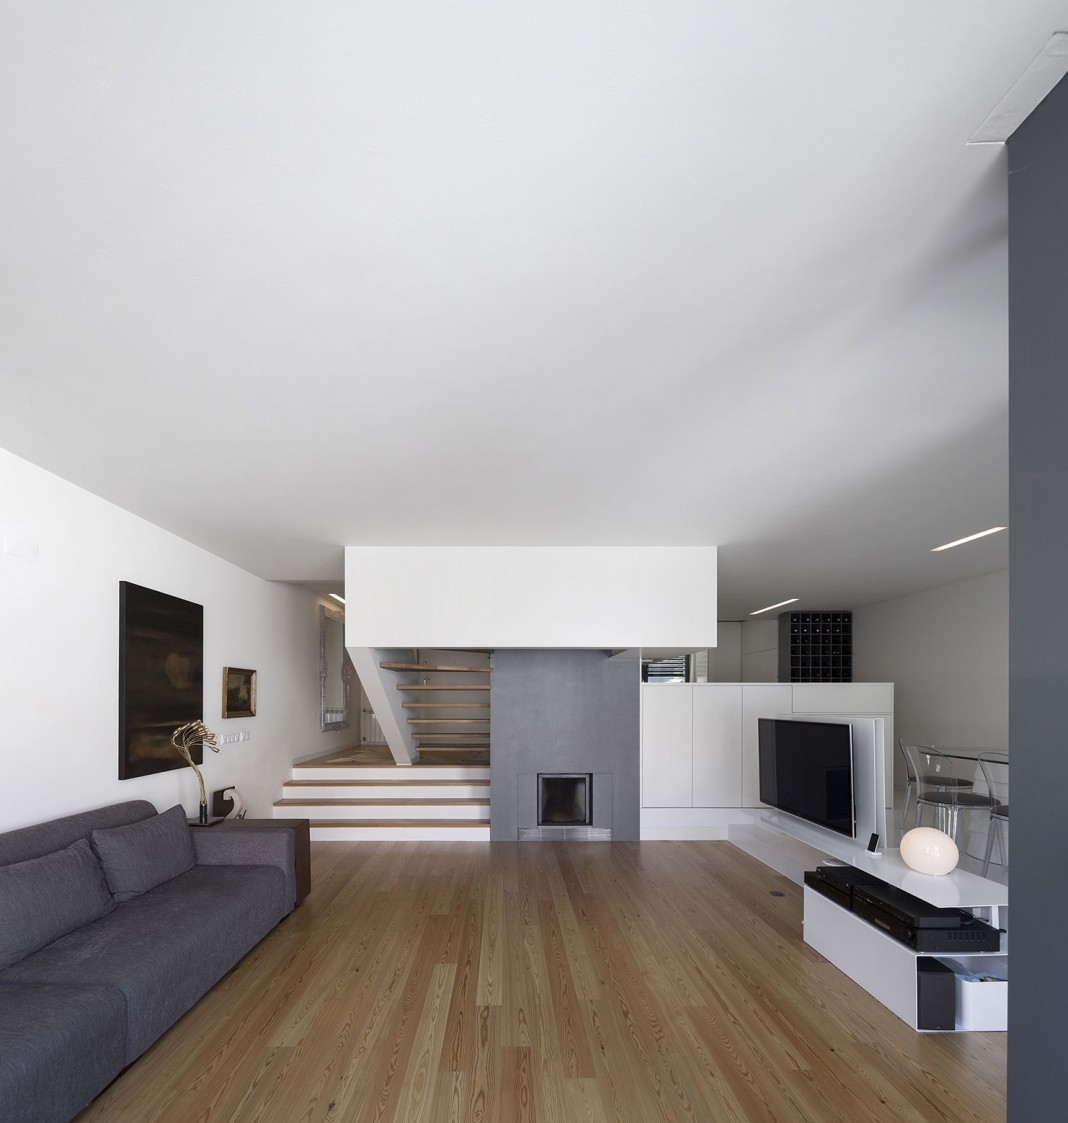 Mediterranean House in Restelo, Lisbon by Antonio Costa Lima Arquitectos